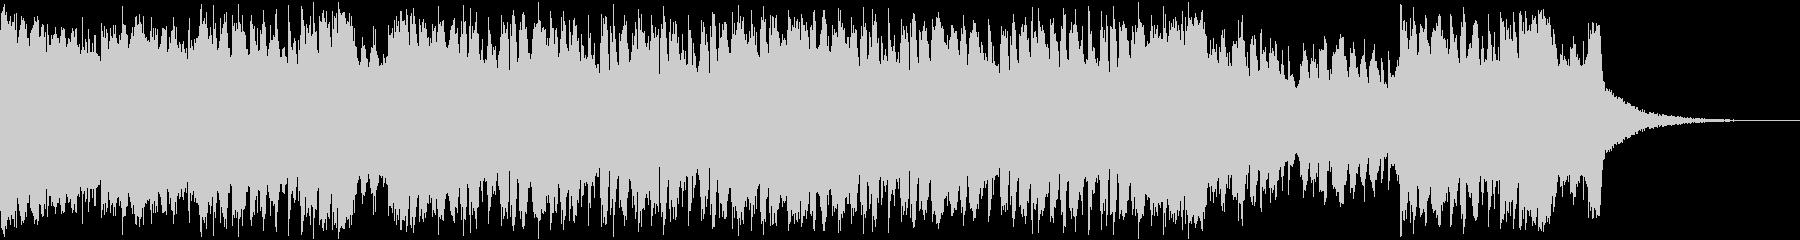 壮大/EDM/ハウス/エモい/切ないの未再生の波形